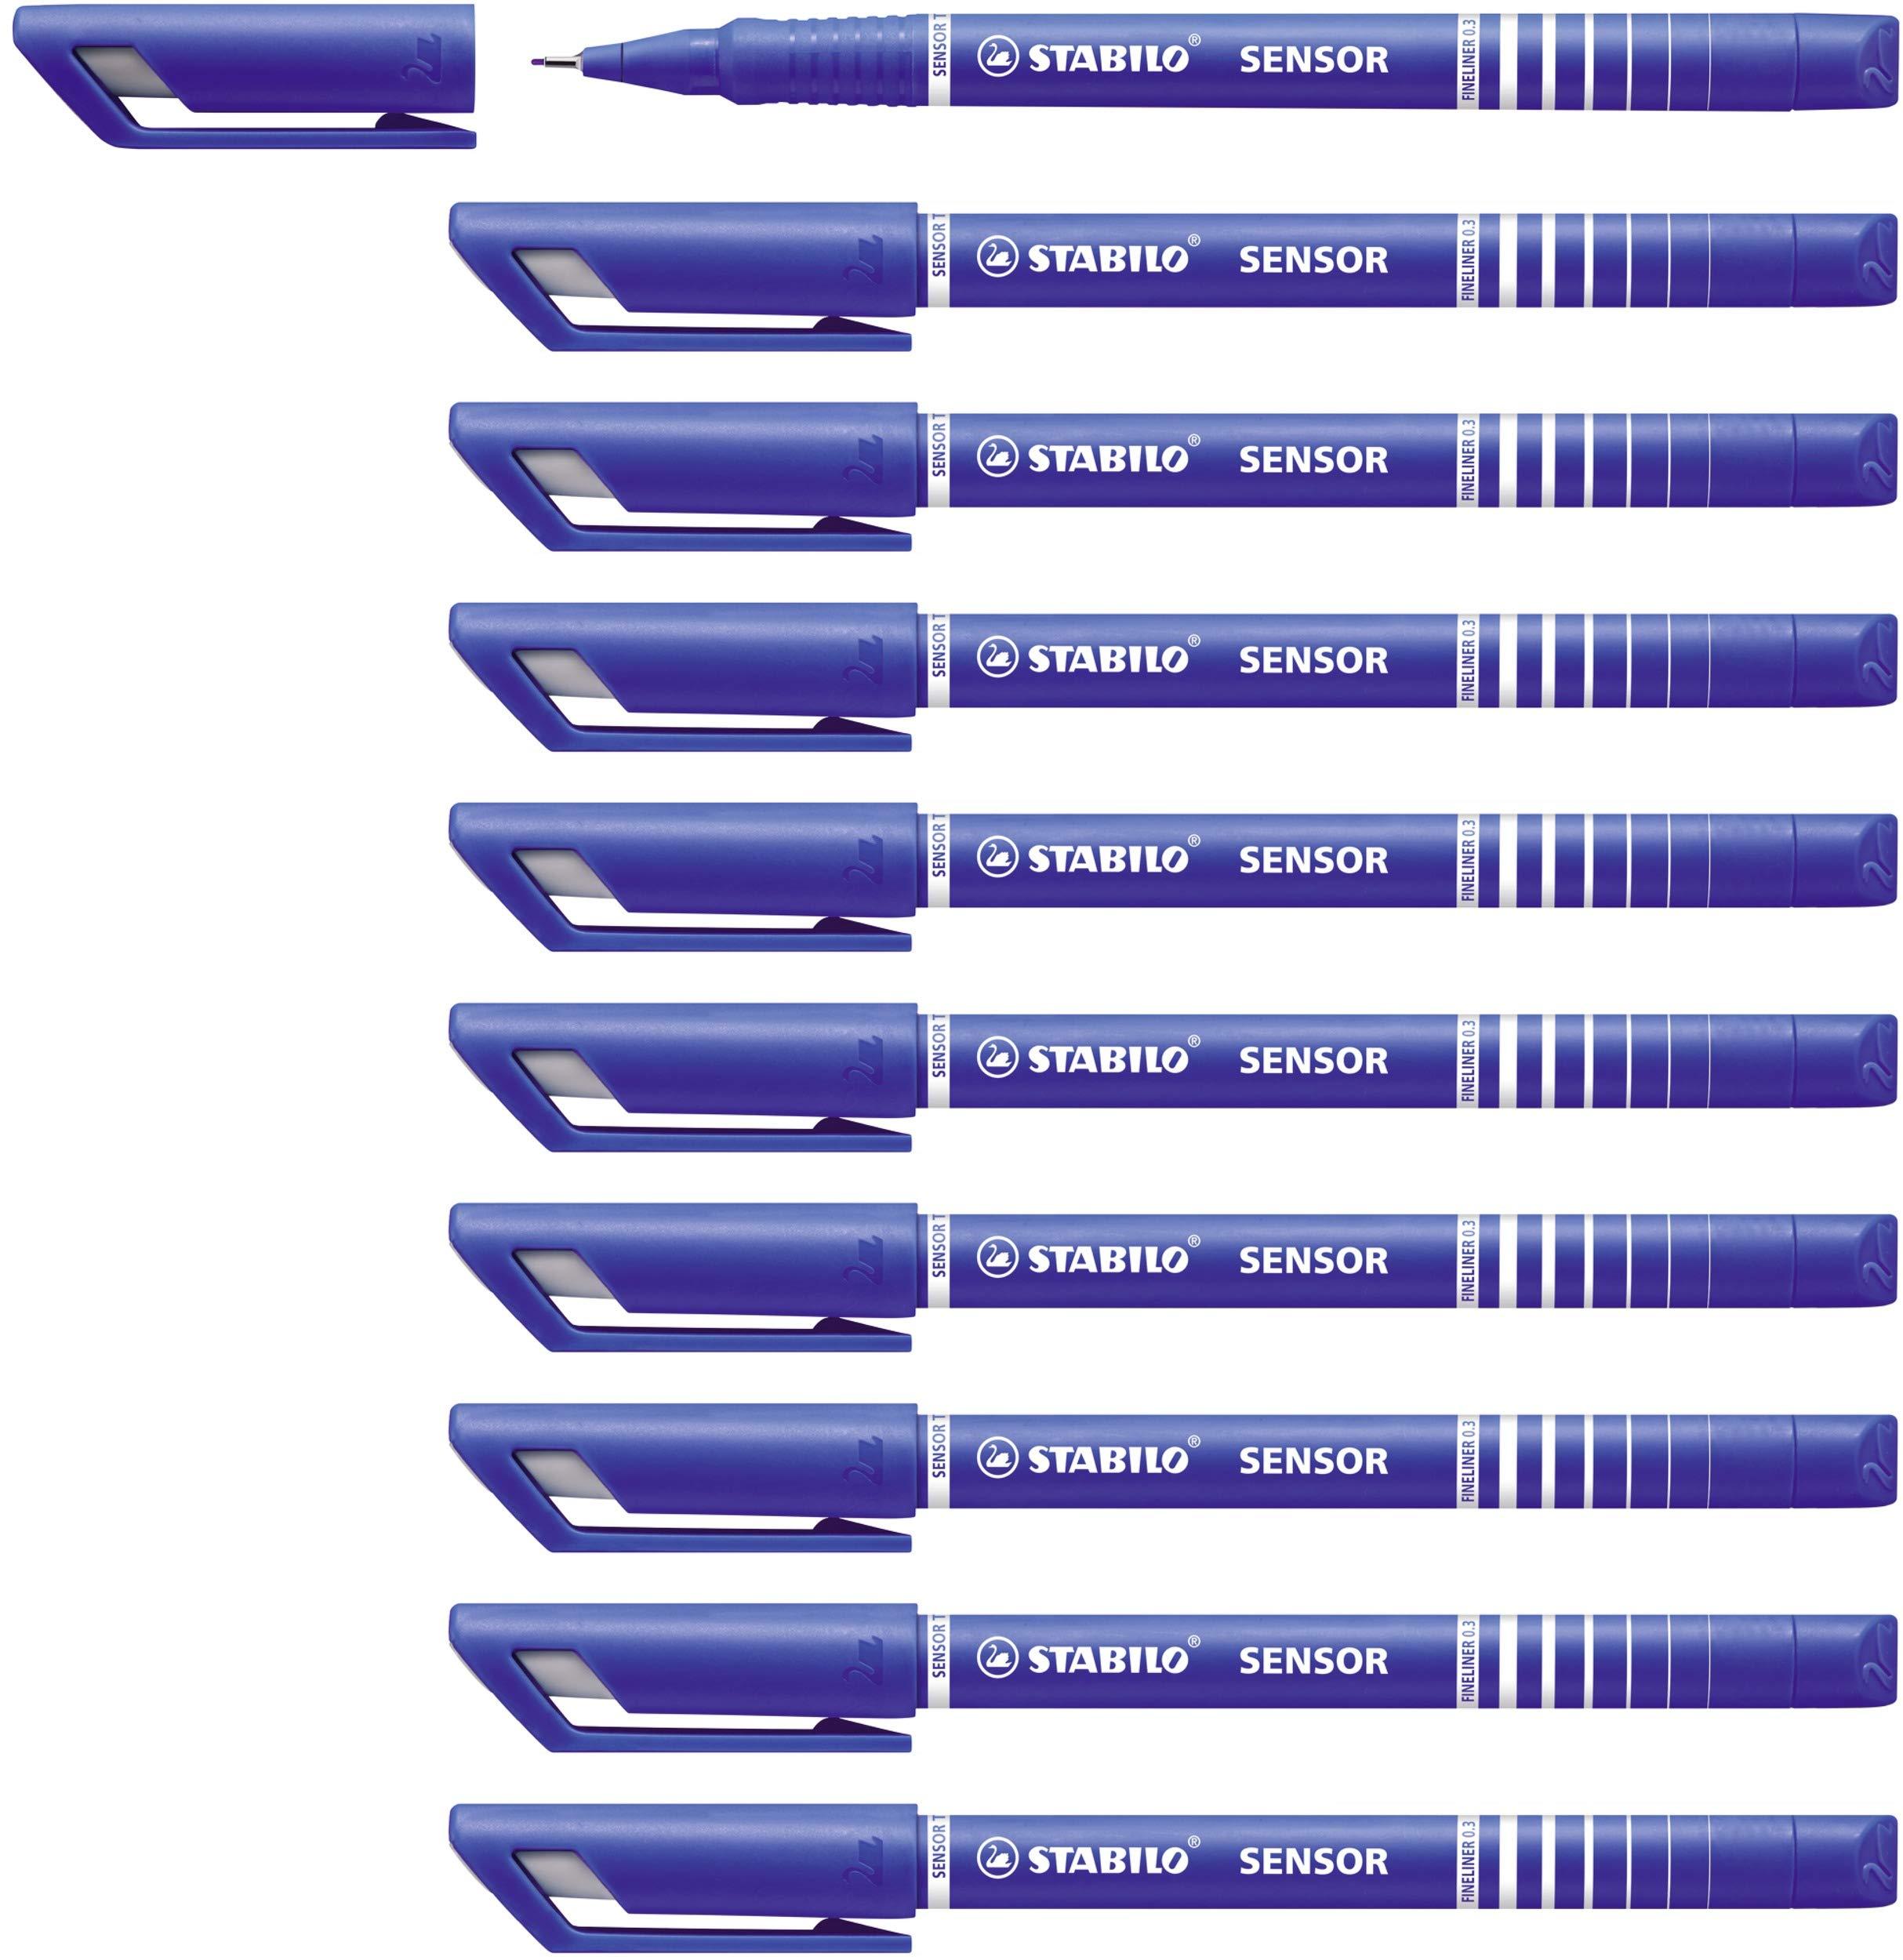 STABILO Sensor Fineliner - Blue, Box of 10 by STABILO